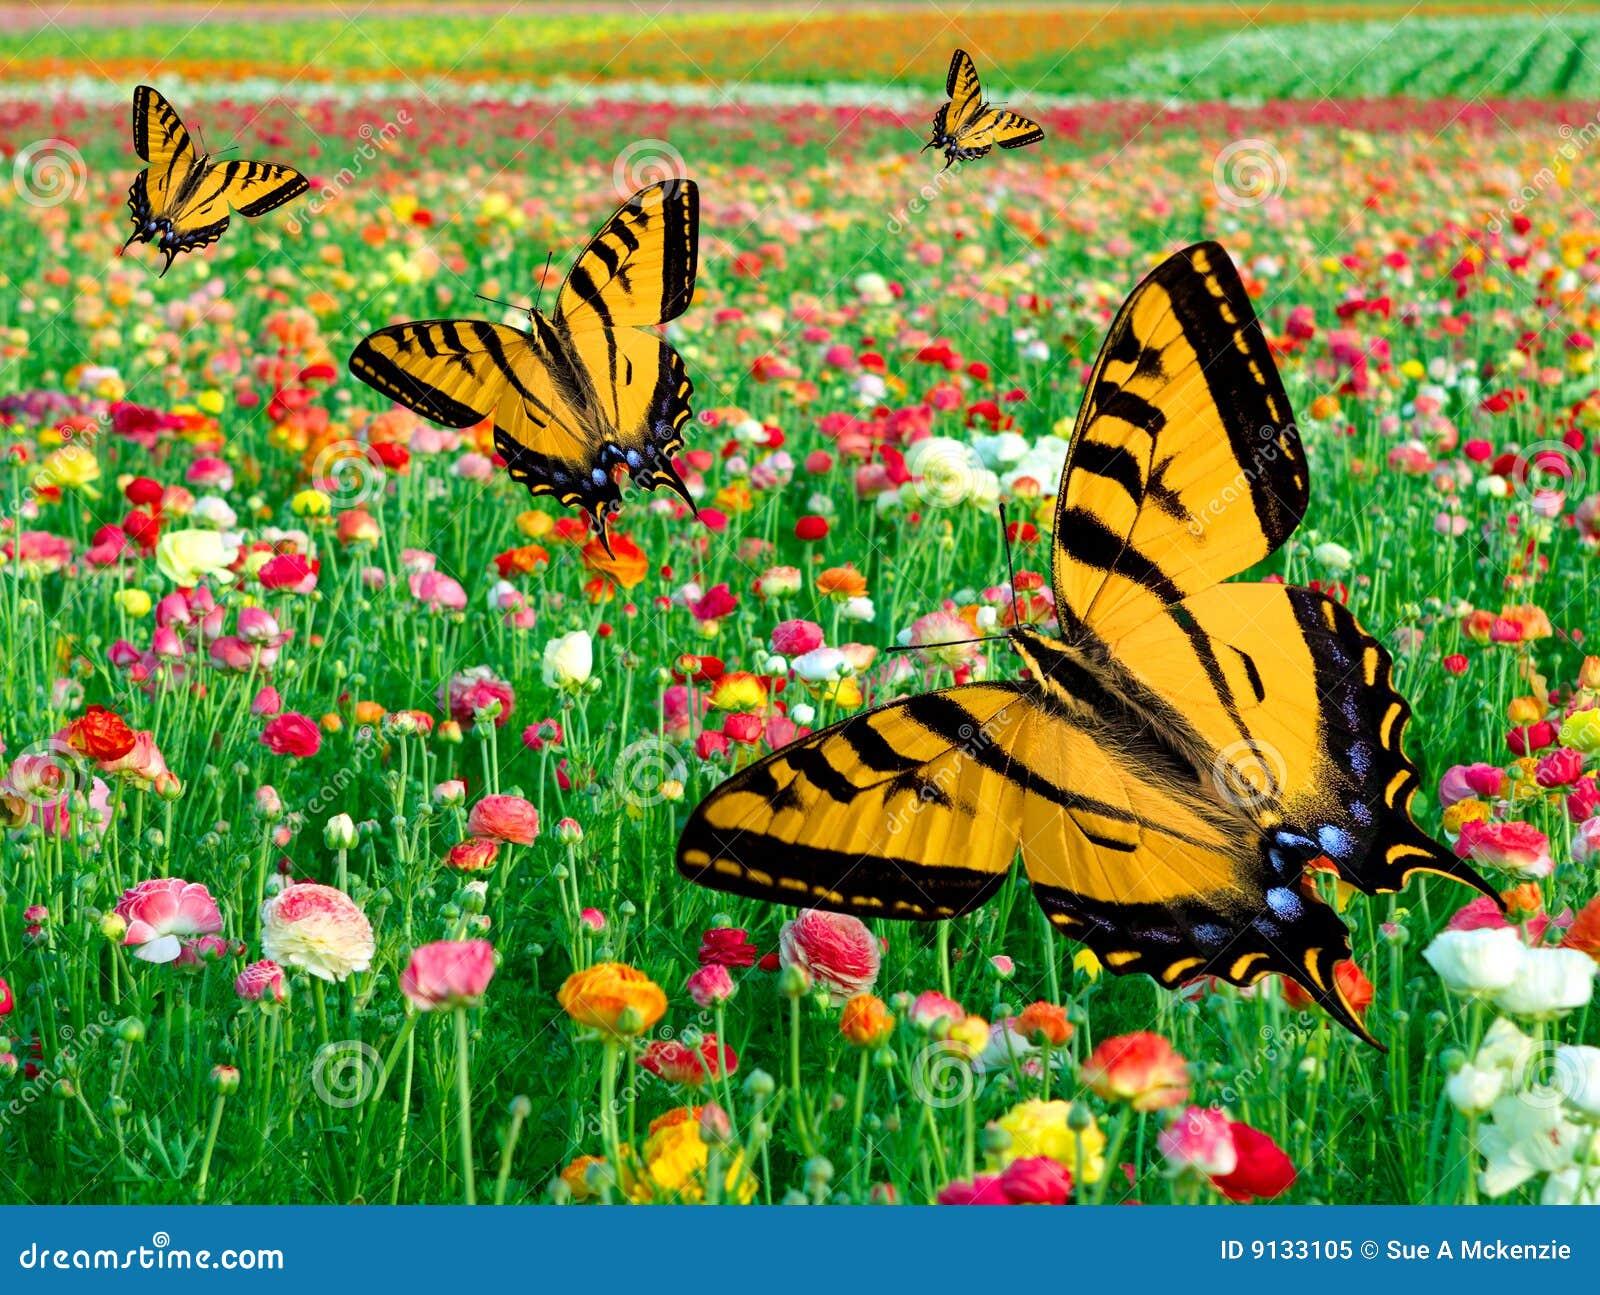 eastern tiger swallowtail butterfly flower field royalty